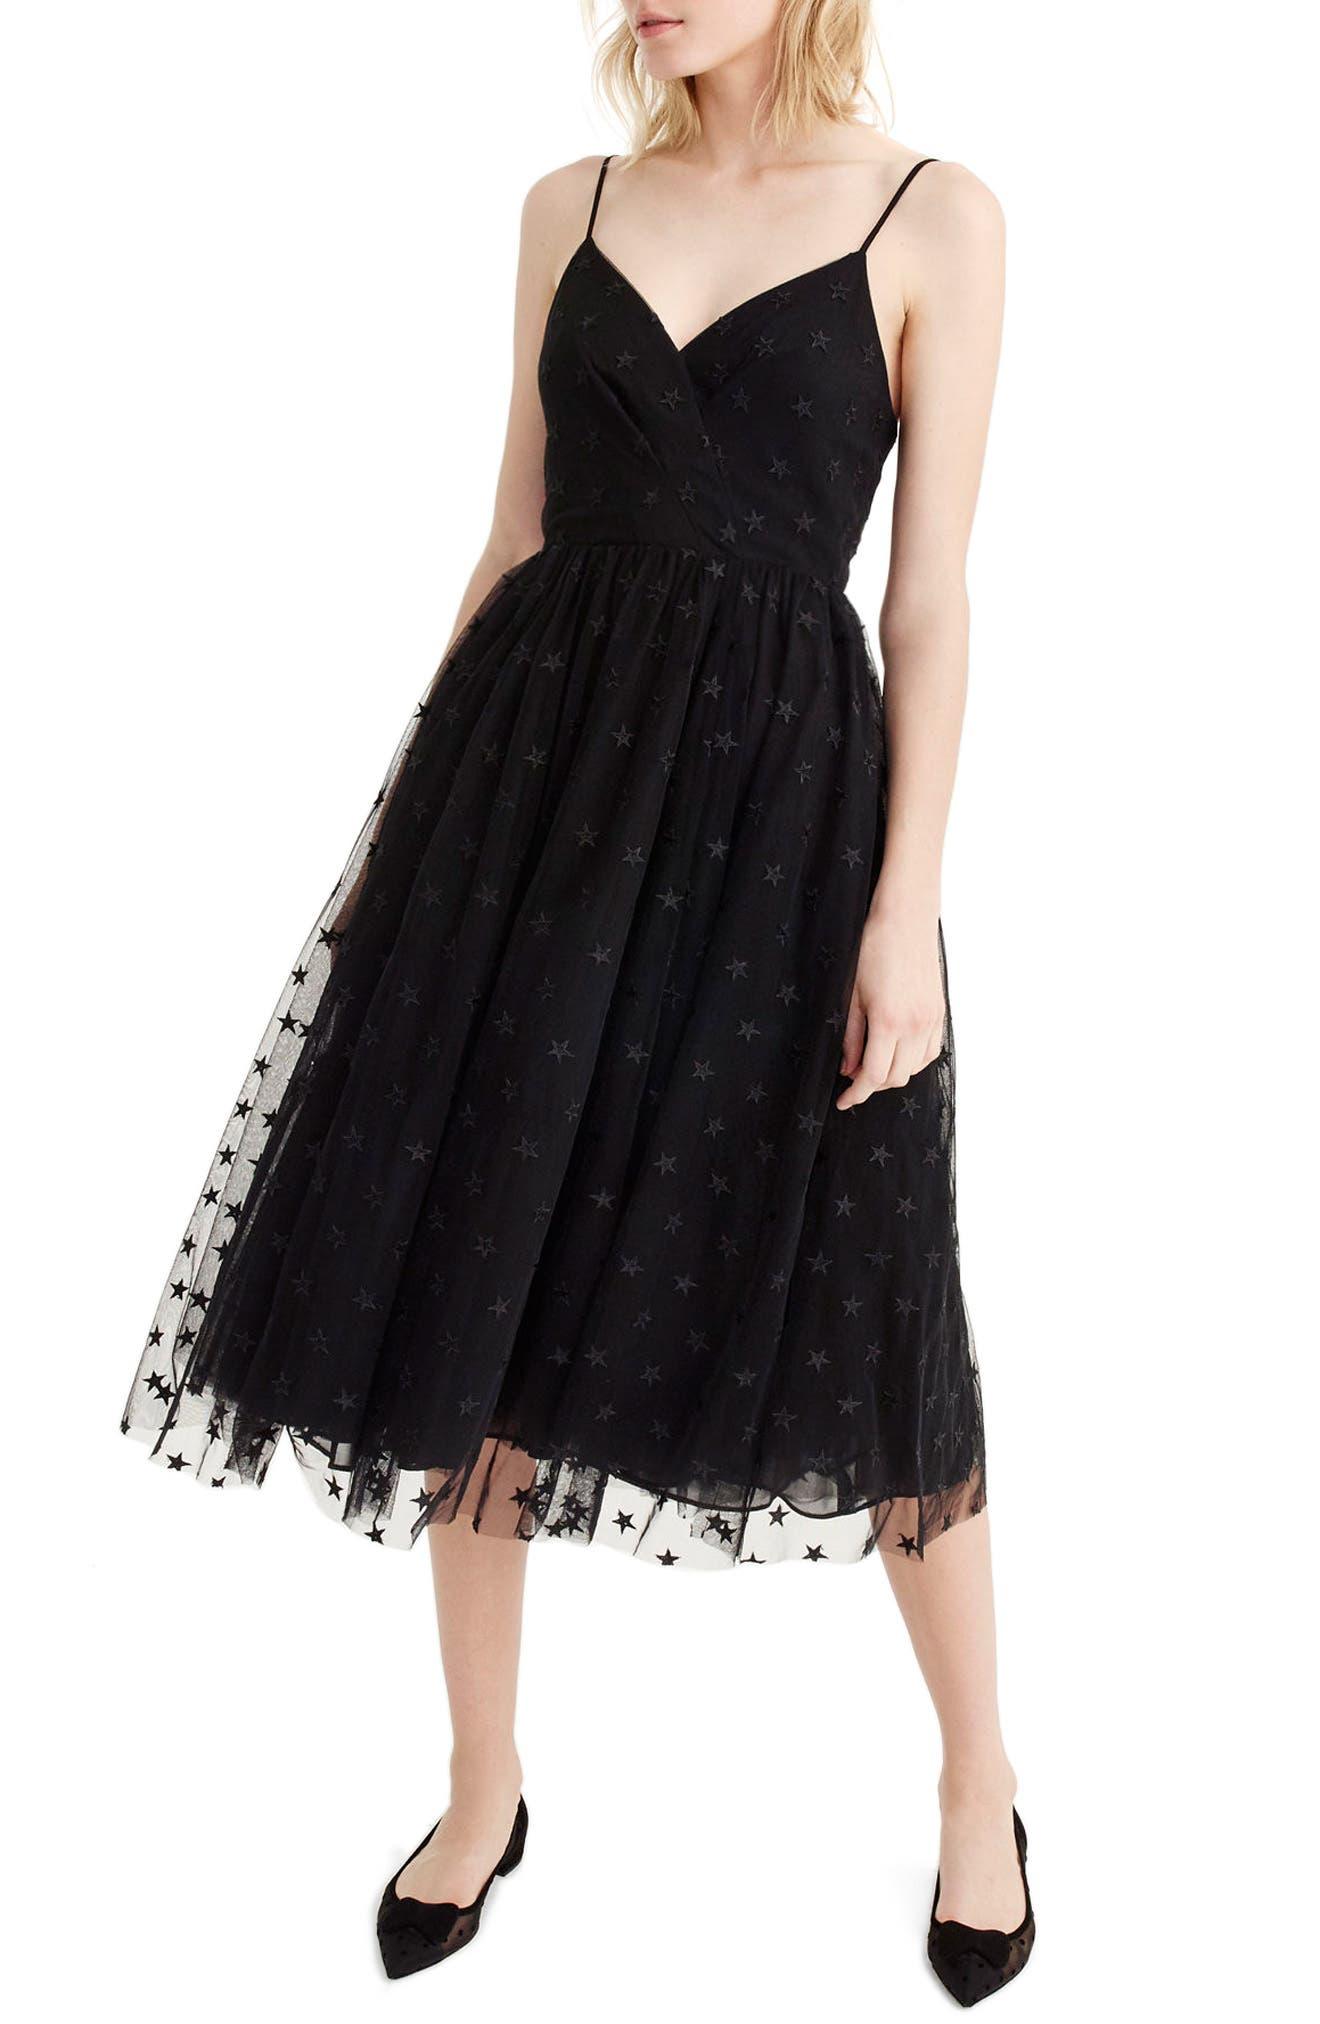 J.Crew Spaghetti Strap Star Tulle Dress,                             Main thumbnail 1, color,                             Black